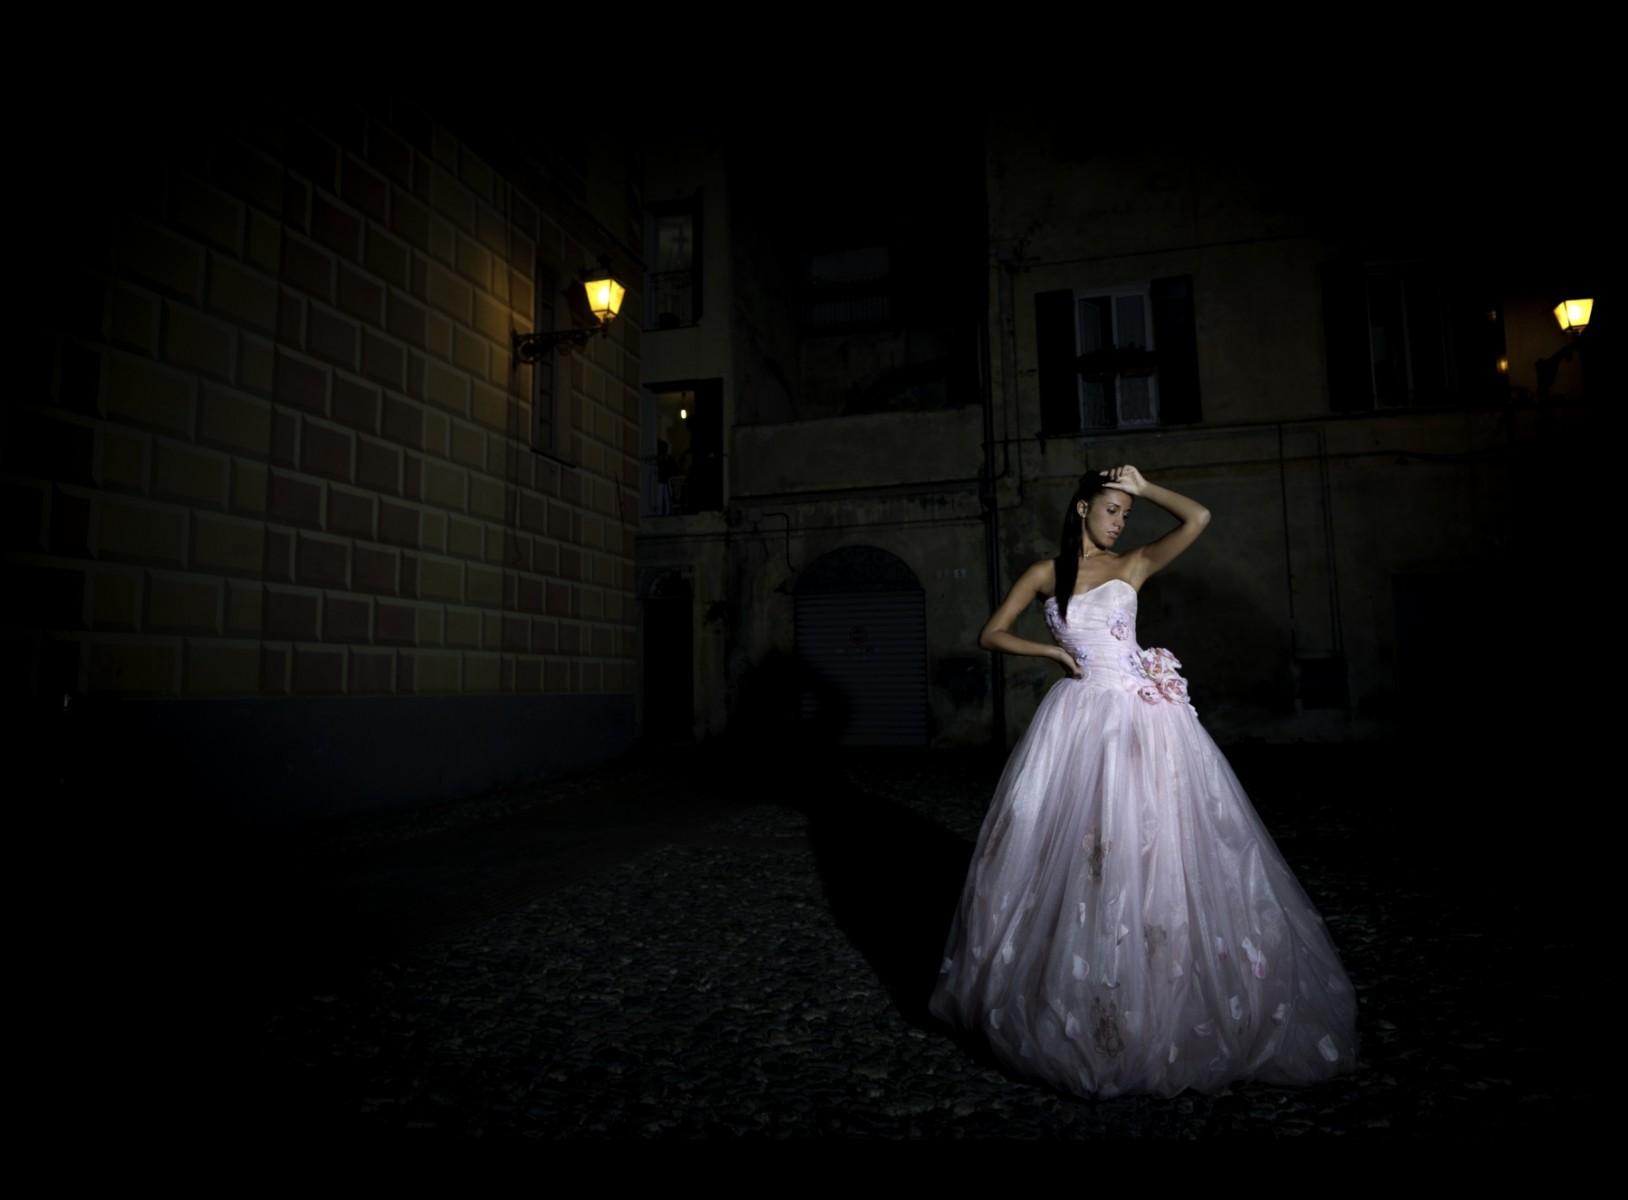 La-Rosa-di-Tulle126 Fashion/Adv